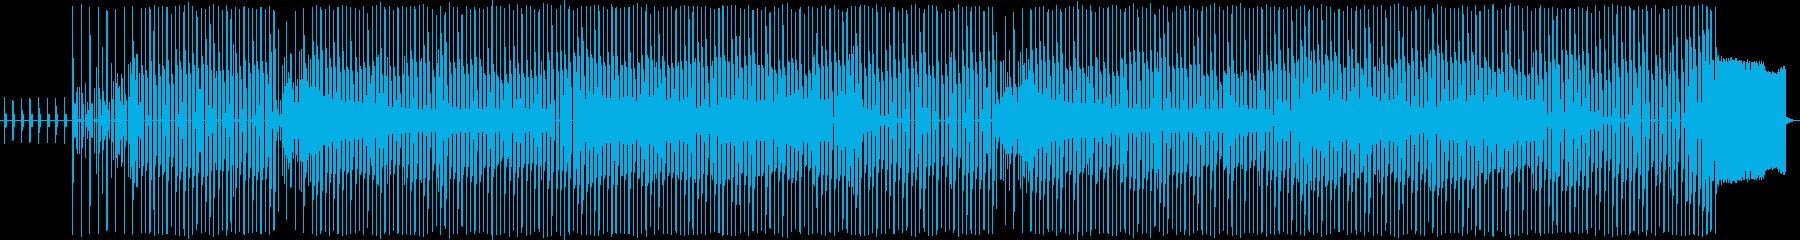 【キッズ動画向け】楽しいファミコンポップの再生済みの波形